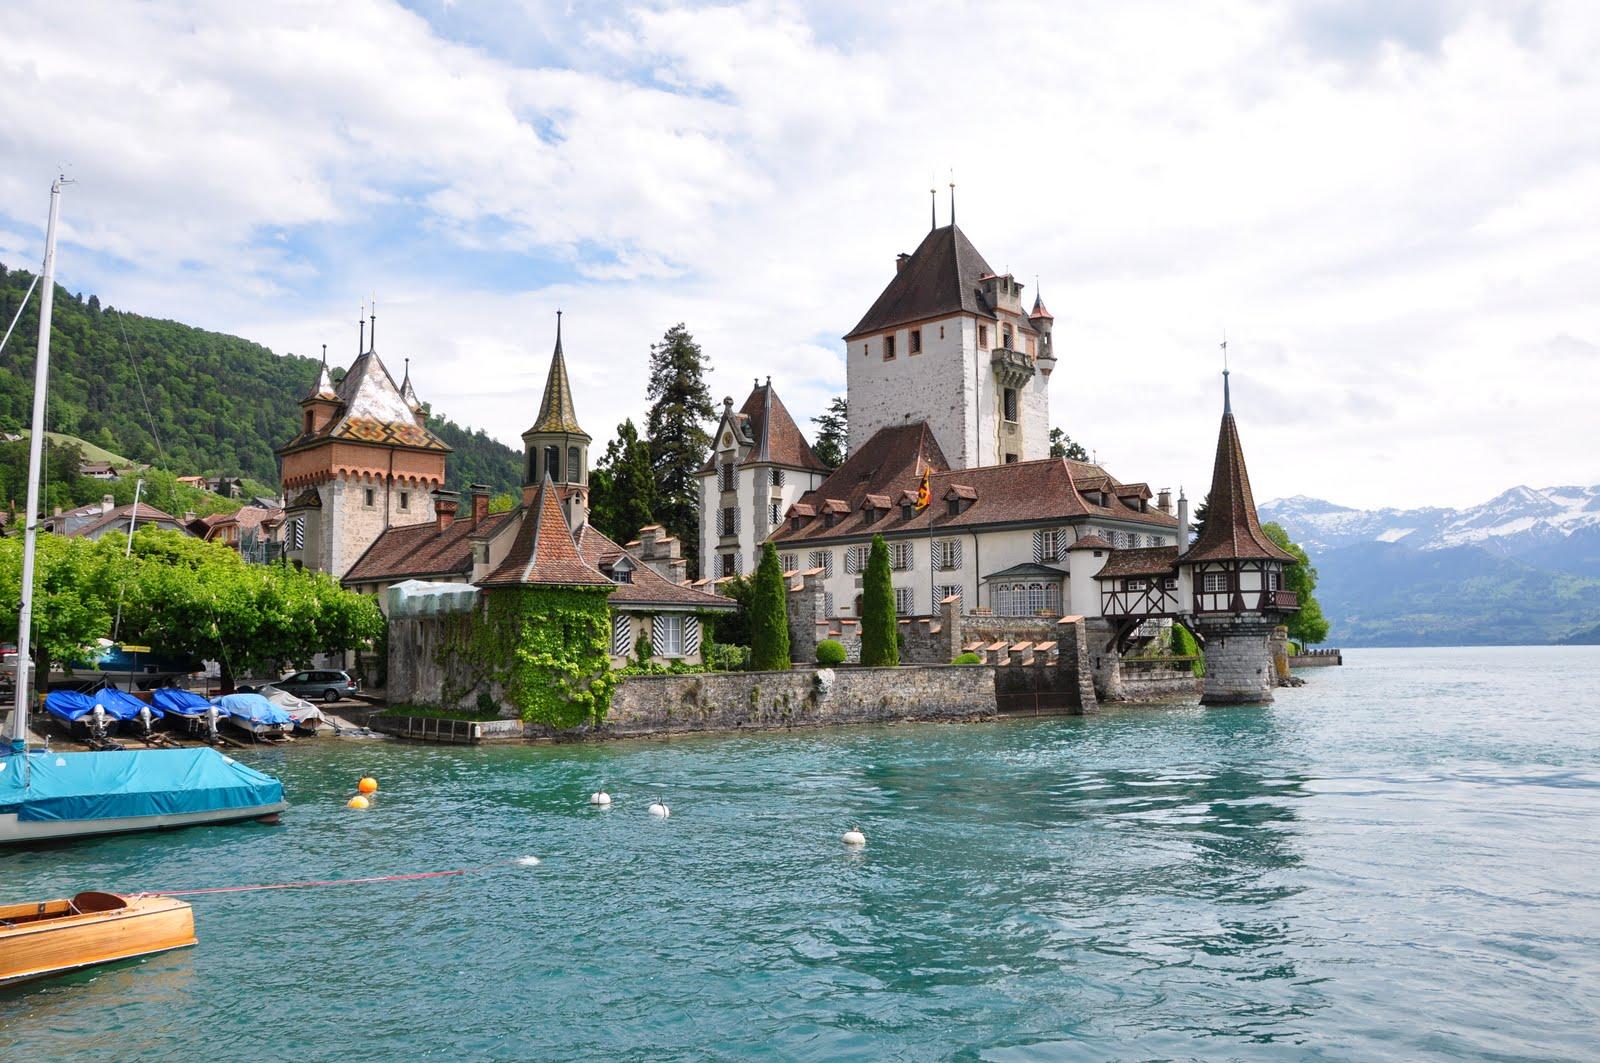 castillo para bodas. Castillo de oberhofen en suiza